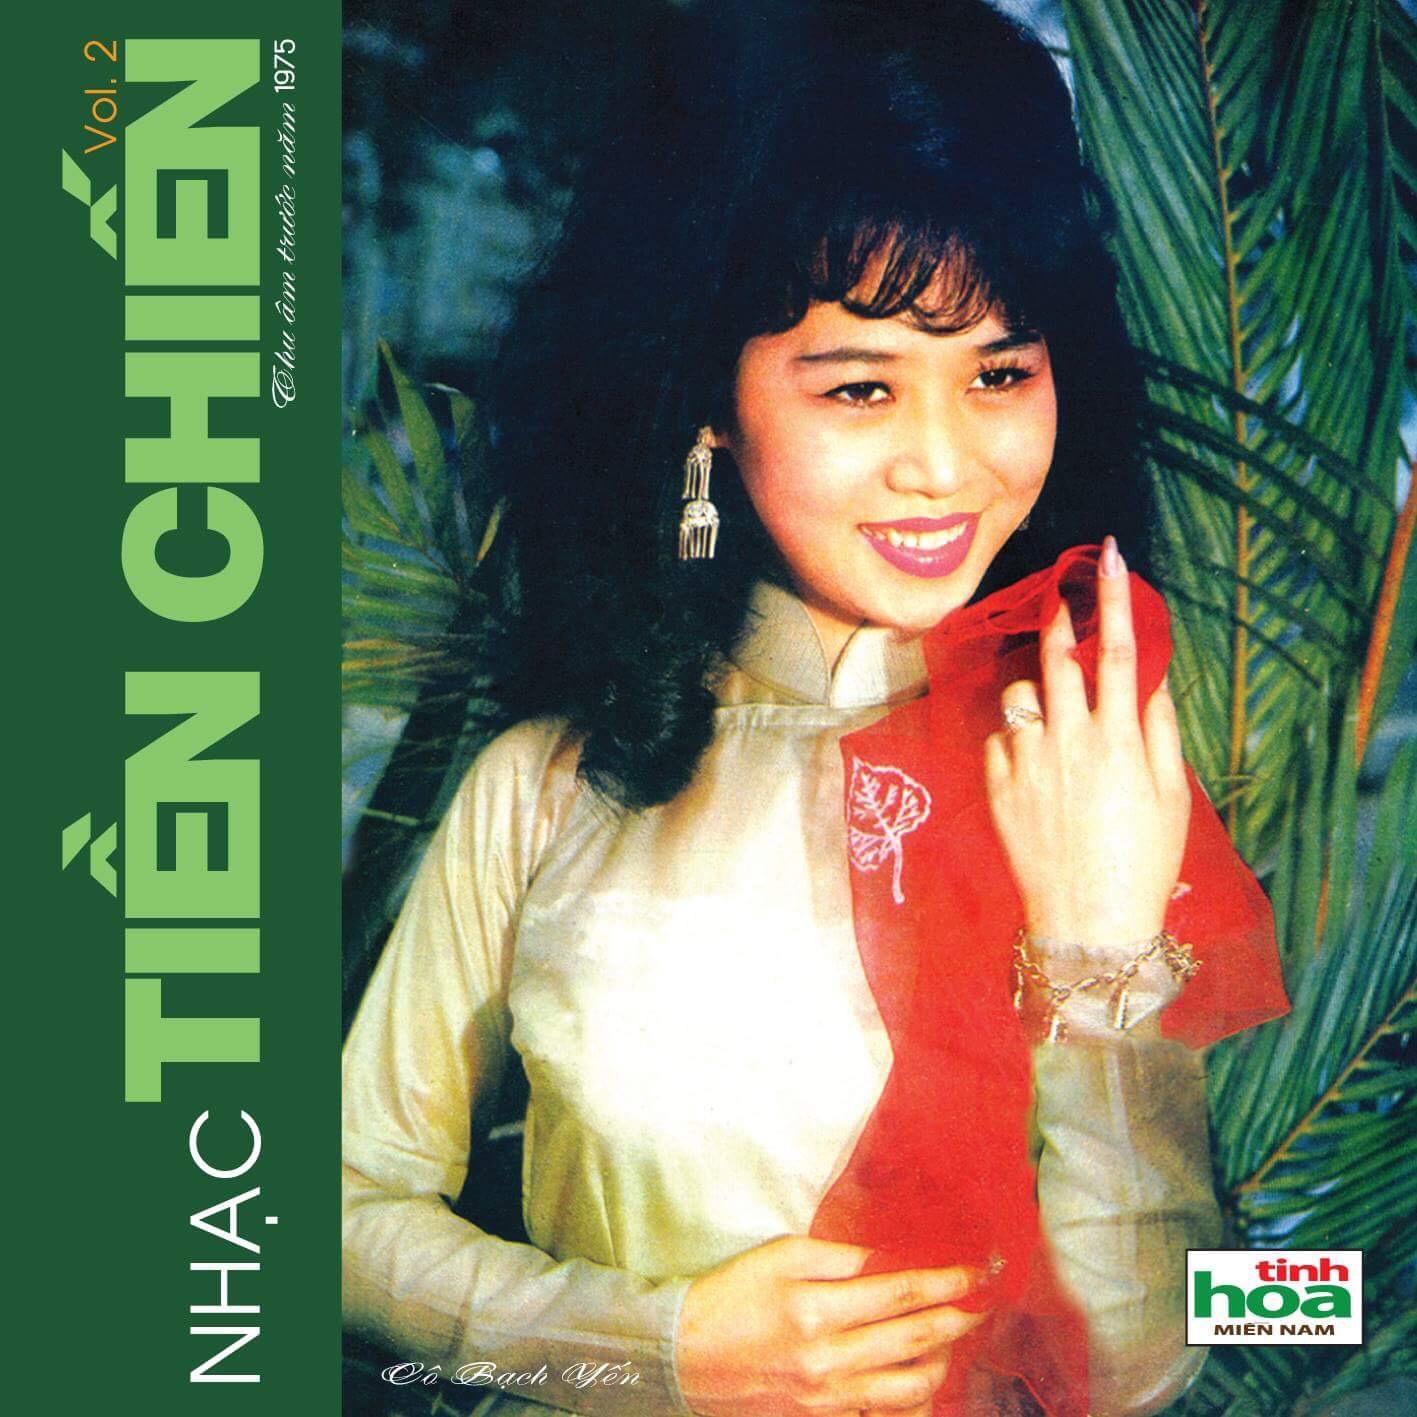 CD Nhạc Tiền Chiến Vol.2 (1975)